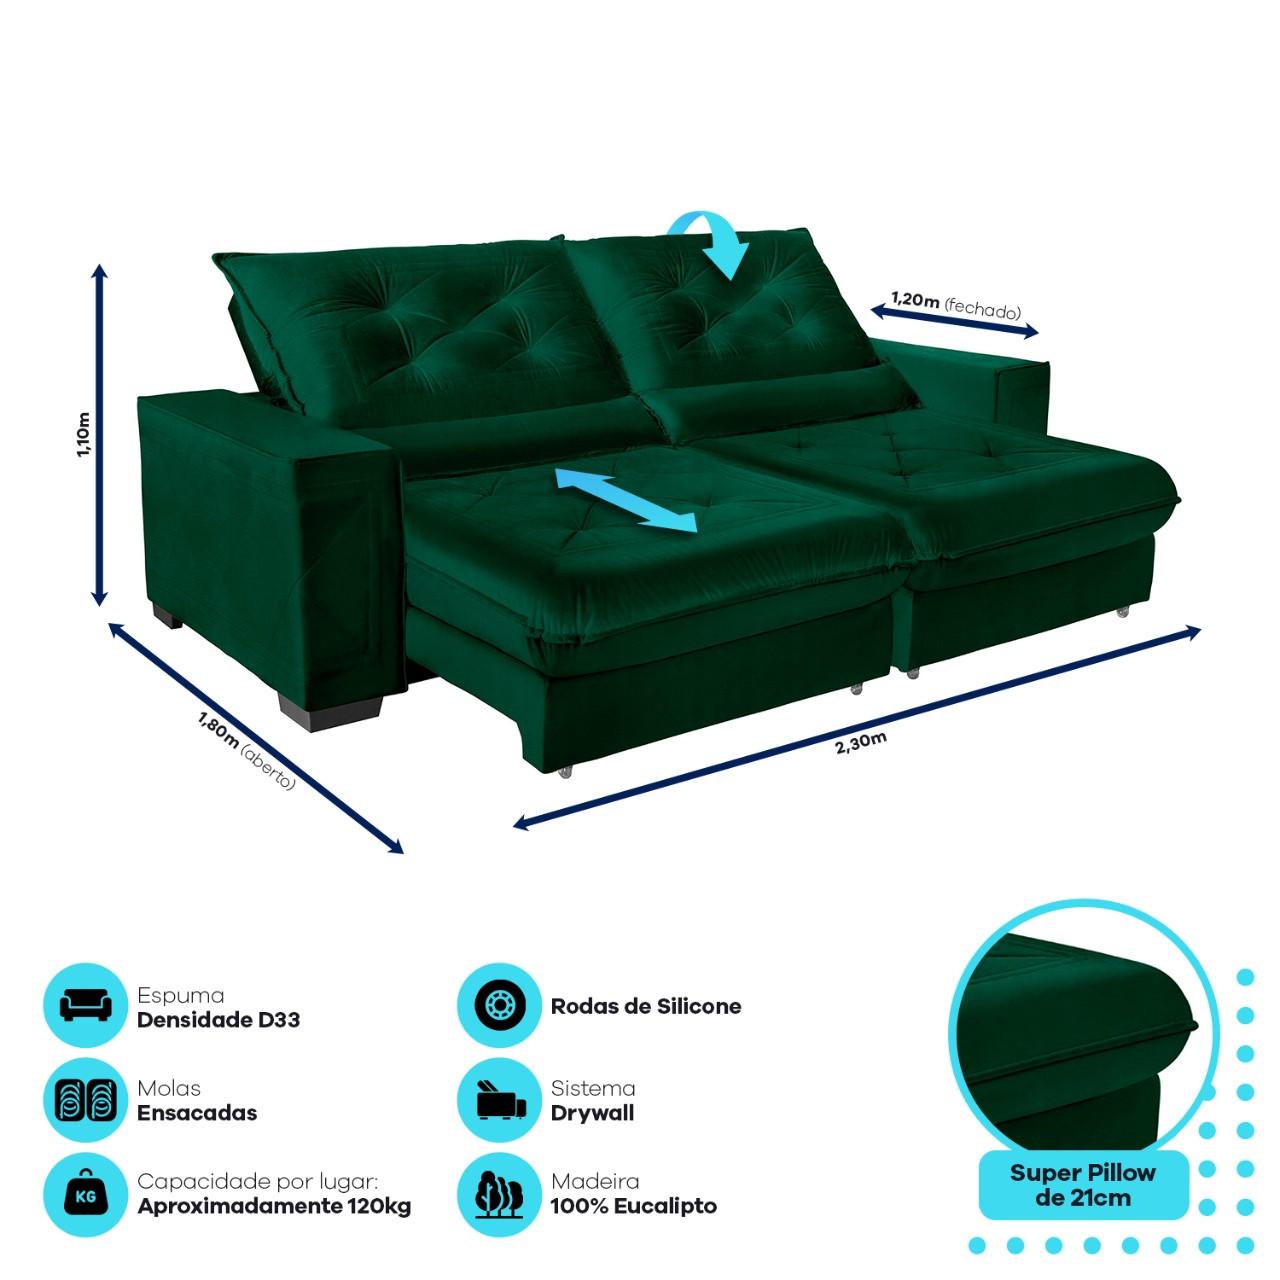 Sofá Cancún Retrátil/Reclinável 2,30m Suede Velusoft verde c/molas ensacadas e super pillow top - Sofá Casa